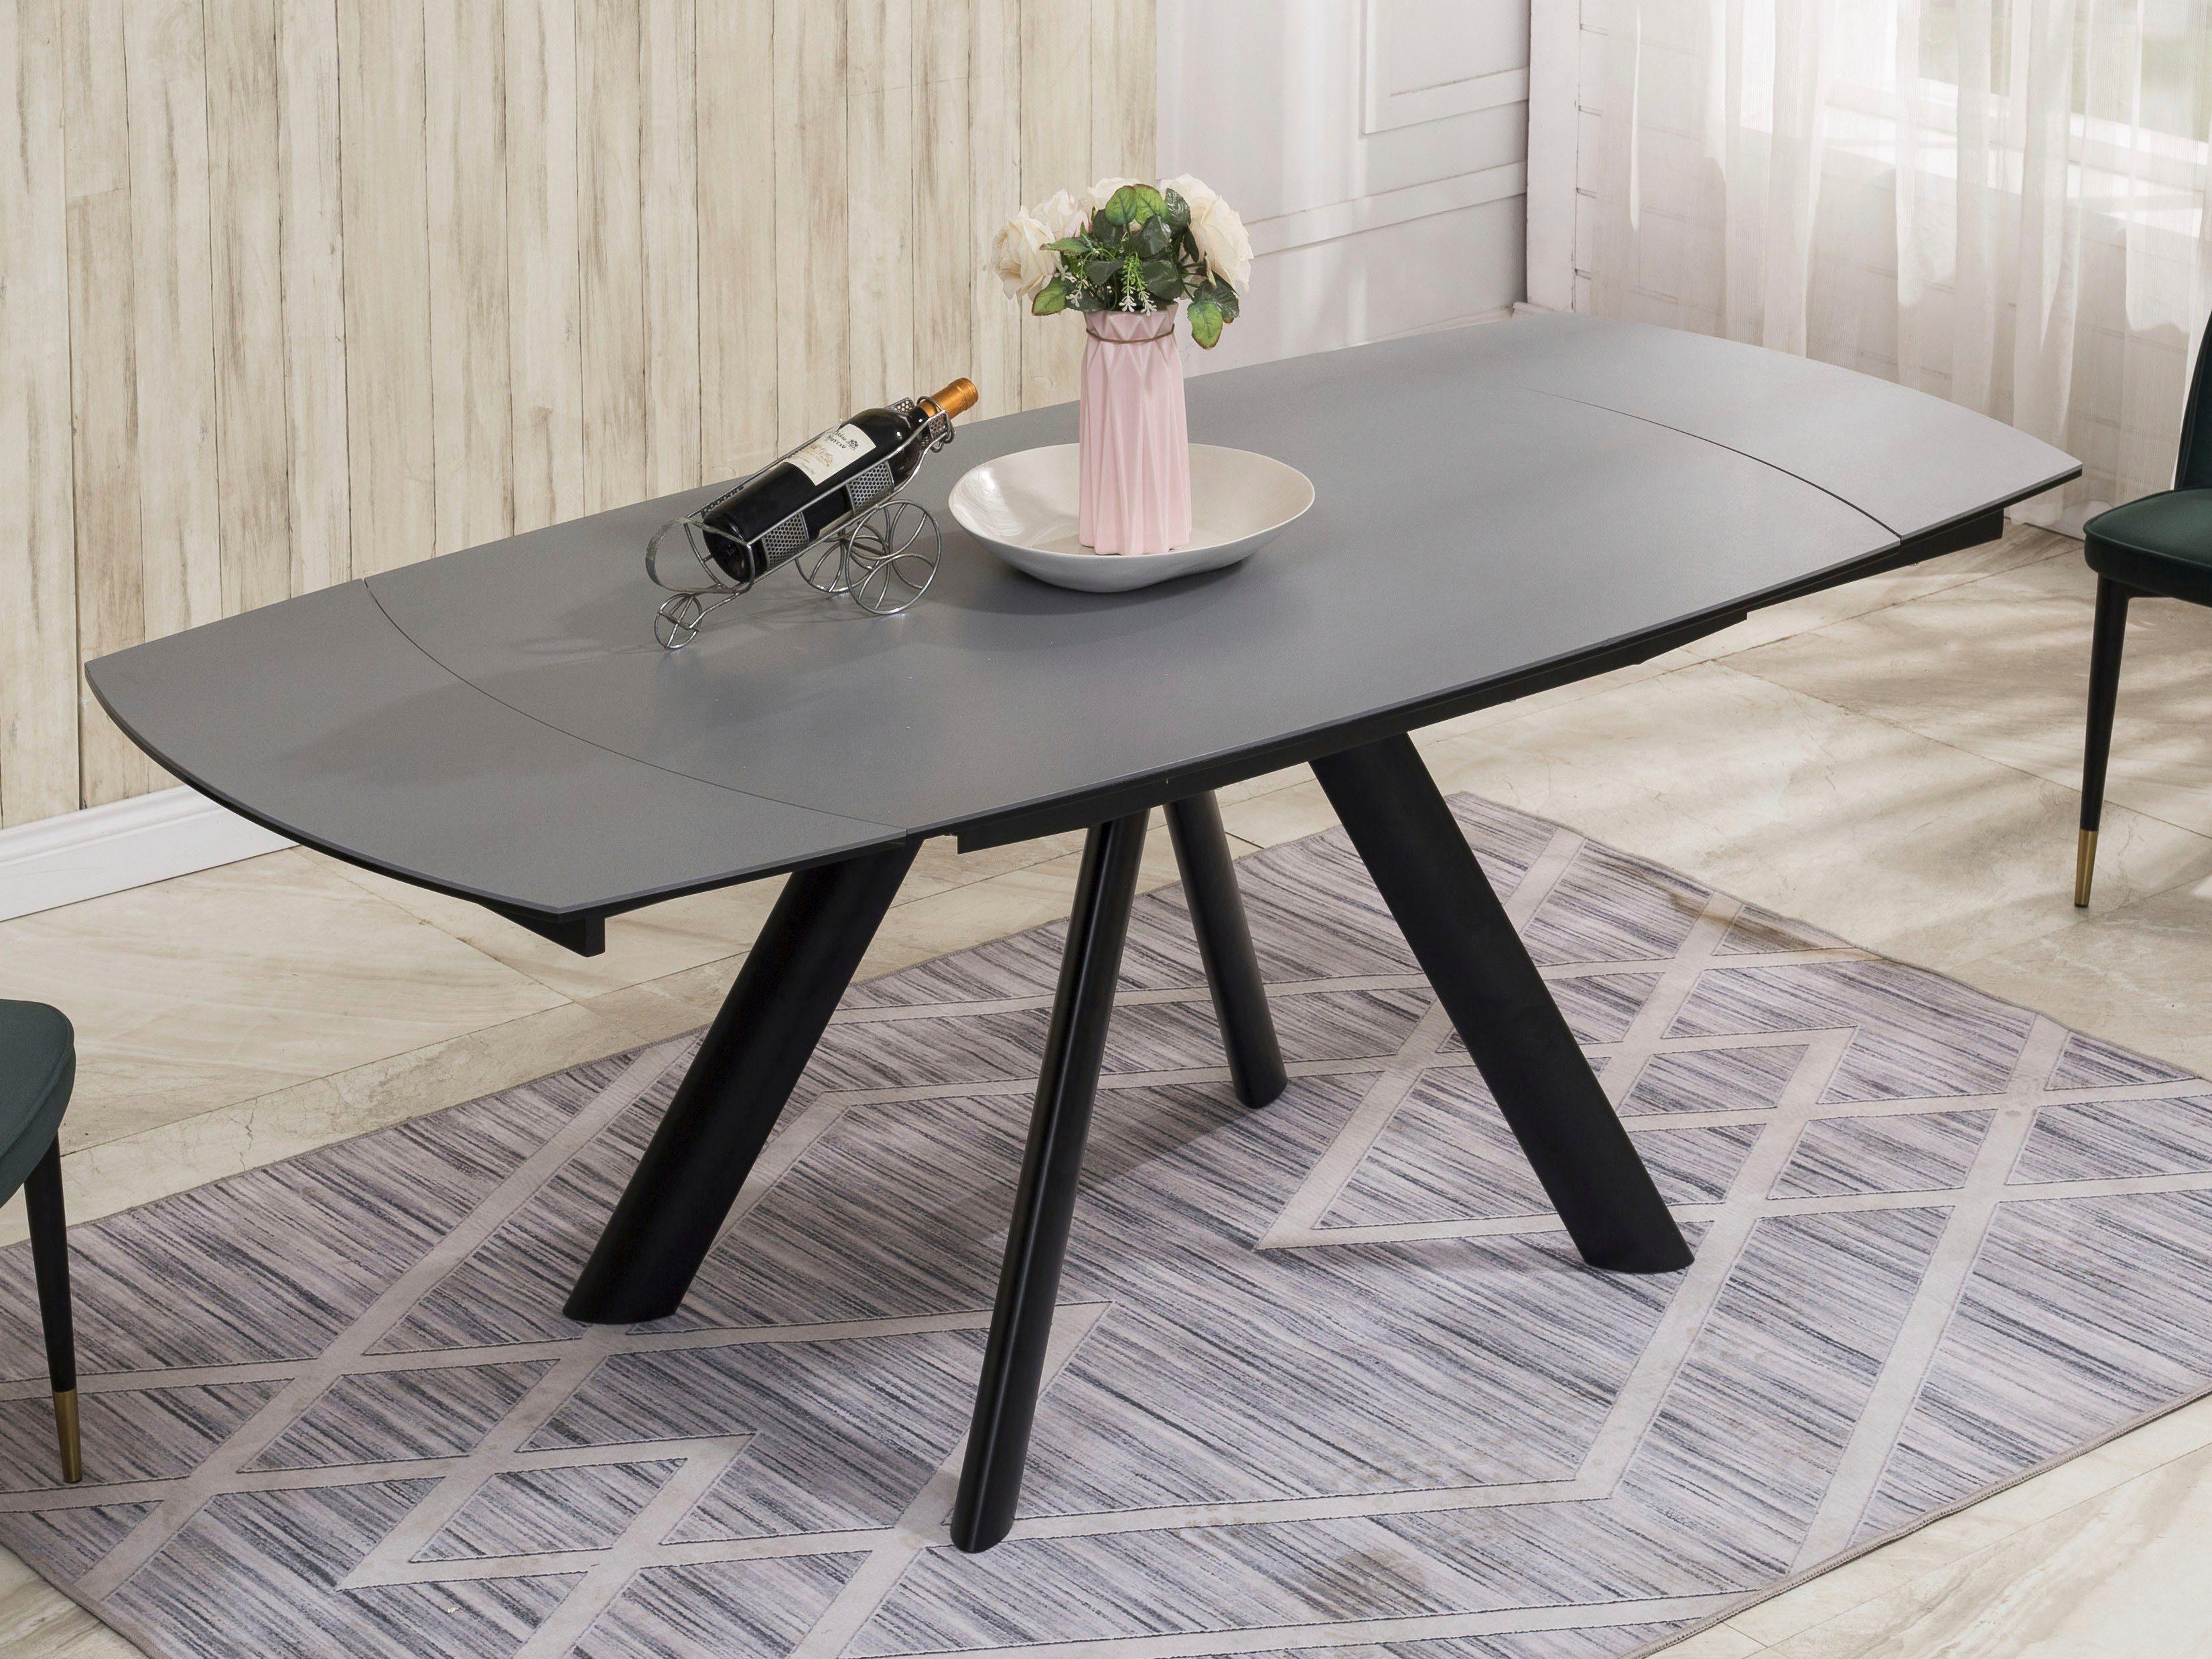 SIT Esstisch, mit Tischplatte aus Keramik, verlängerbar online kaufen | OTTO